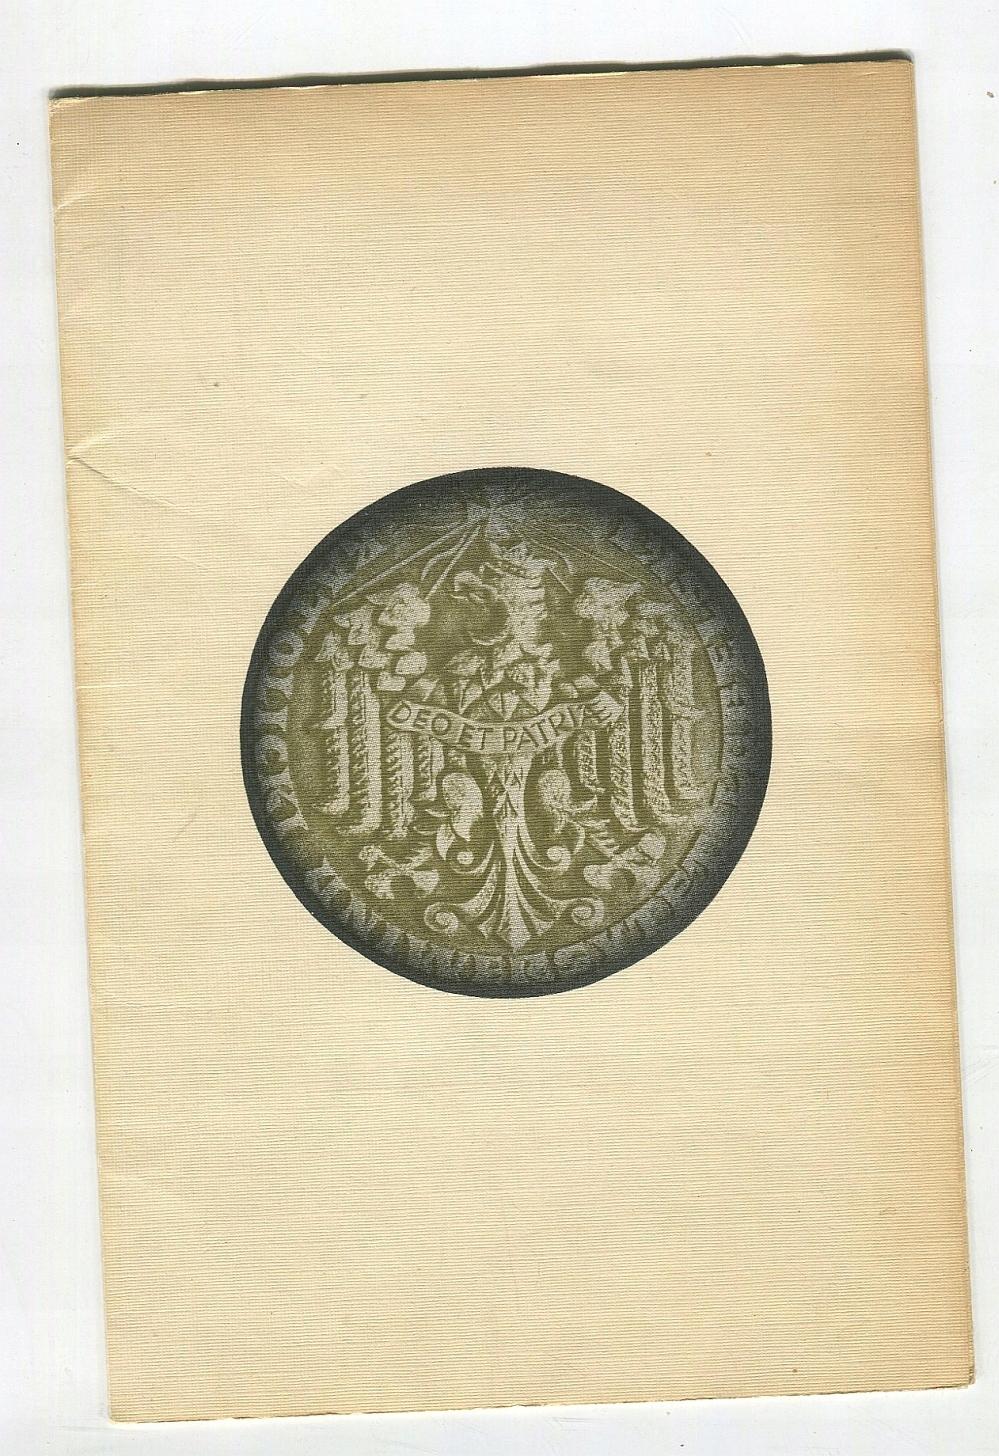 Zaproszenie Czesław Miłosz Lublin Honoris Causa 7536054096